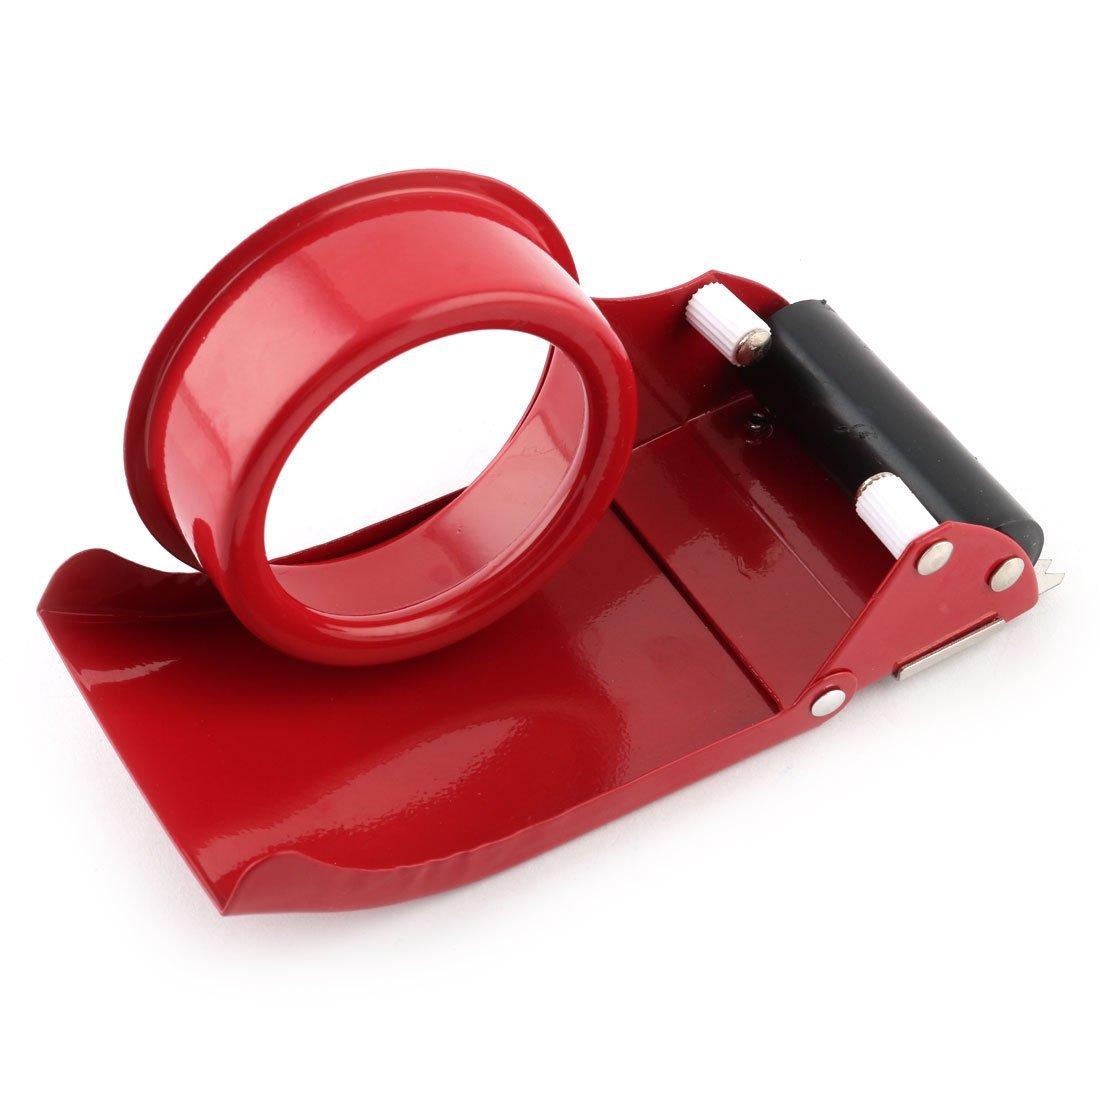 Amazon.com : eDealMax Ministerio del Interior del Metal de envase sellado Cinta adhesiva Cortador Rollo dispensador : Office Products